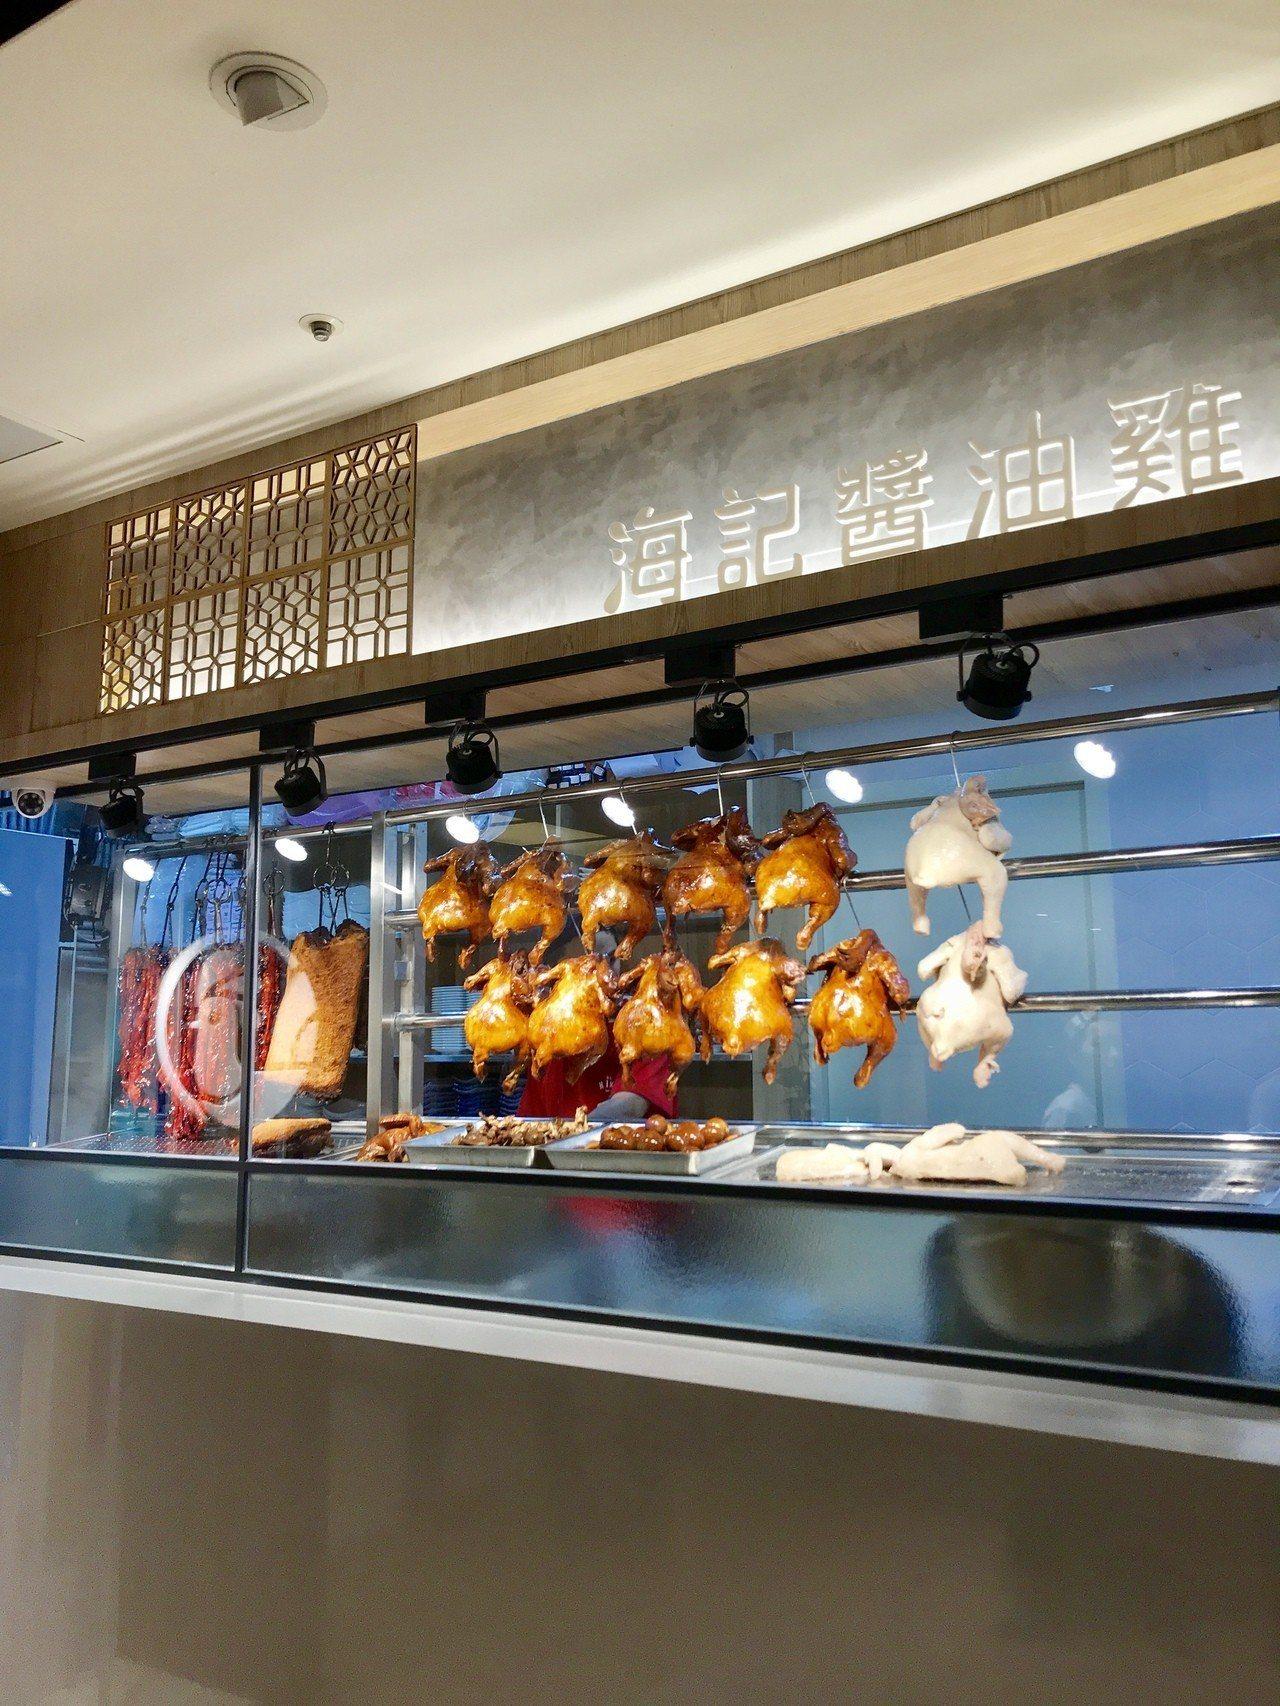 來自新加坡的「海記醬油雞」有60年品牌歷史。記者江佩君/攝影